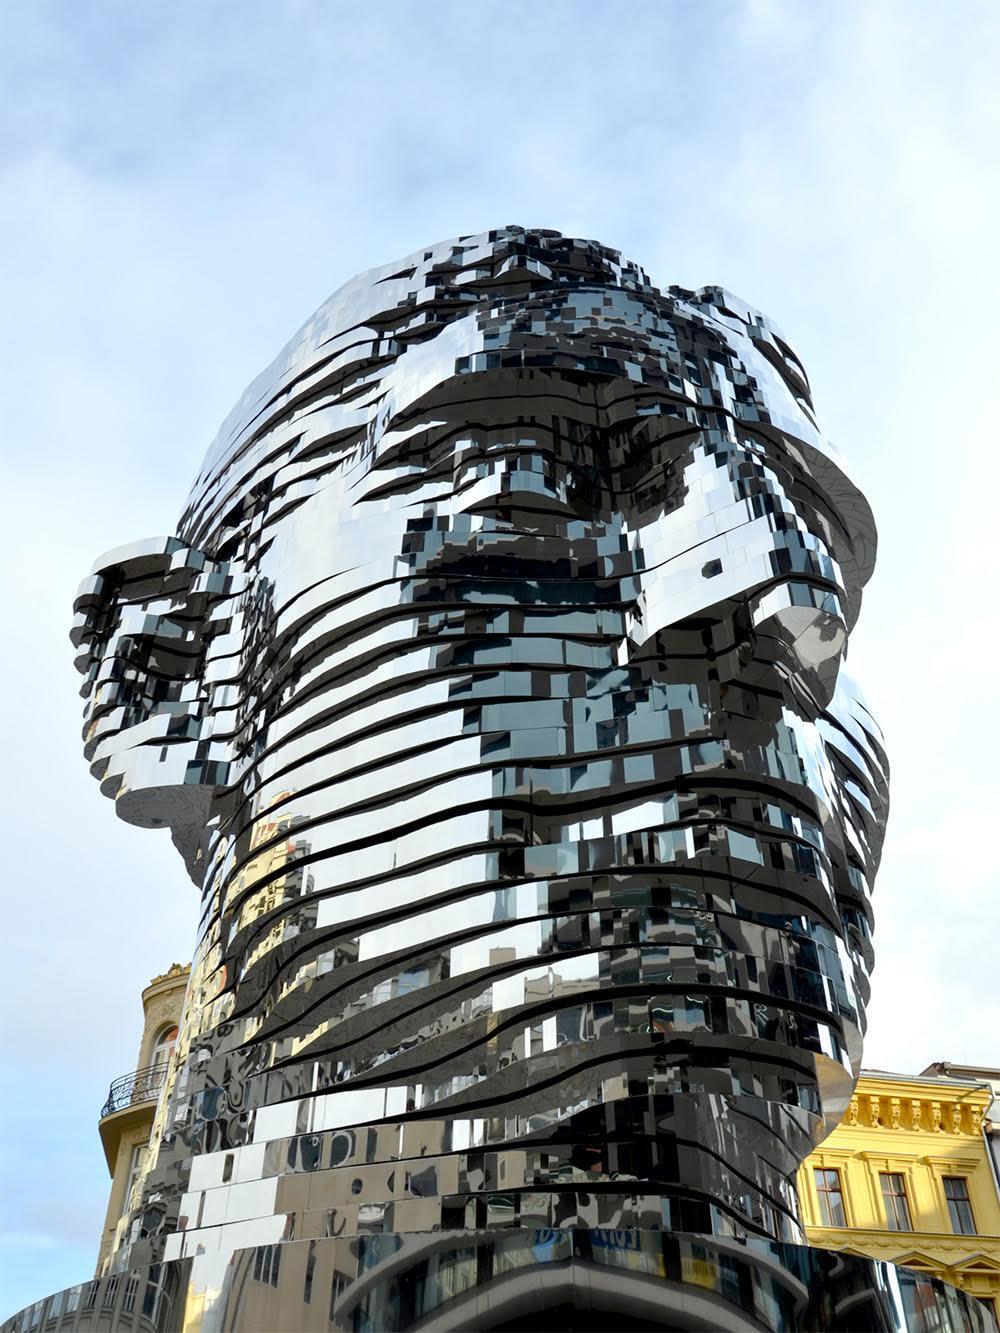 Franz Kafka, David Černý, 2014. Çek sanatçı David Černý'nin (1967-) kinetik heykeli her biri bağımsız olarak hareket edebilen paslanmaz çelikten ve aynalı 42 katmandan oluşuyor ve 45 ton ağırlığında. Bir alışveriş merkezinin girişine yerleştirilen heykelin katmanlarının Franz Kafka'nın yaşadığı kırılmaları sembolize ettiği düşünülüyor. Prag'da pek çok heykeli kamusal alanda yer alan sanatçının ilginç eserleri var: Bir binanın çatısından sallanmakta olan Freud; Çek Cumhuriyeti haritası şeklindeki havuza karşılıklı işemekte olan iki adam; Kral Wenceslas'I başaşağı ölü bir atın sırtında gösteren heykel (Kralın adını taşıyan Prag'ın merkezindeki meydanda kralı at binerken betimleyen heykel ile Černý'nin heykeli birbirine oldukça yakın.) gibi. Fotoğraf:bigumigu.com